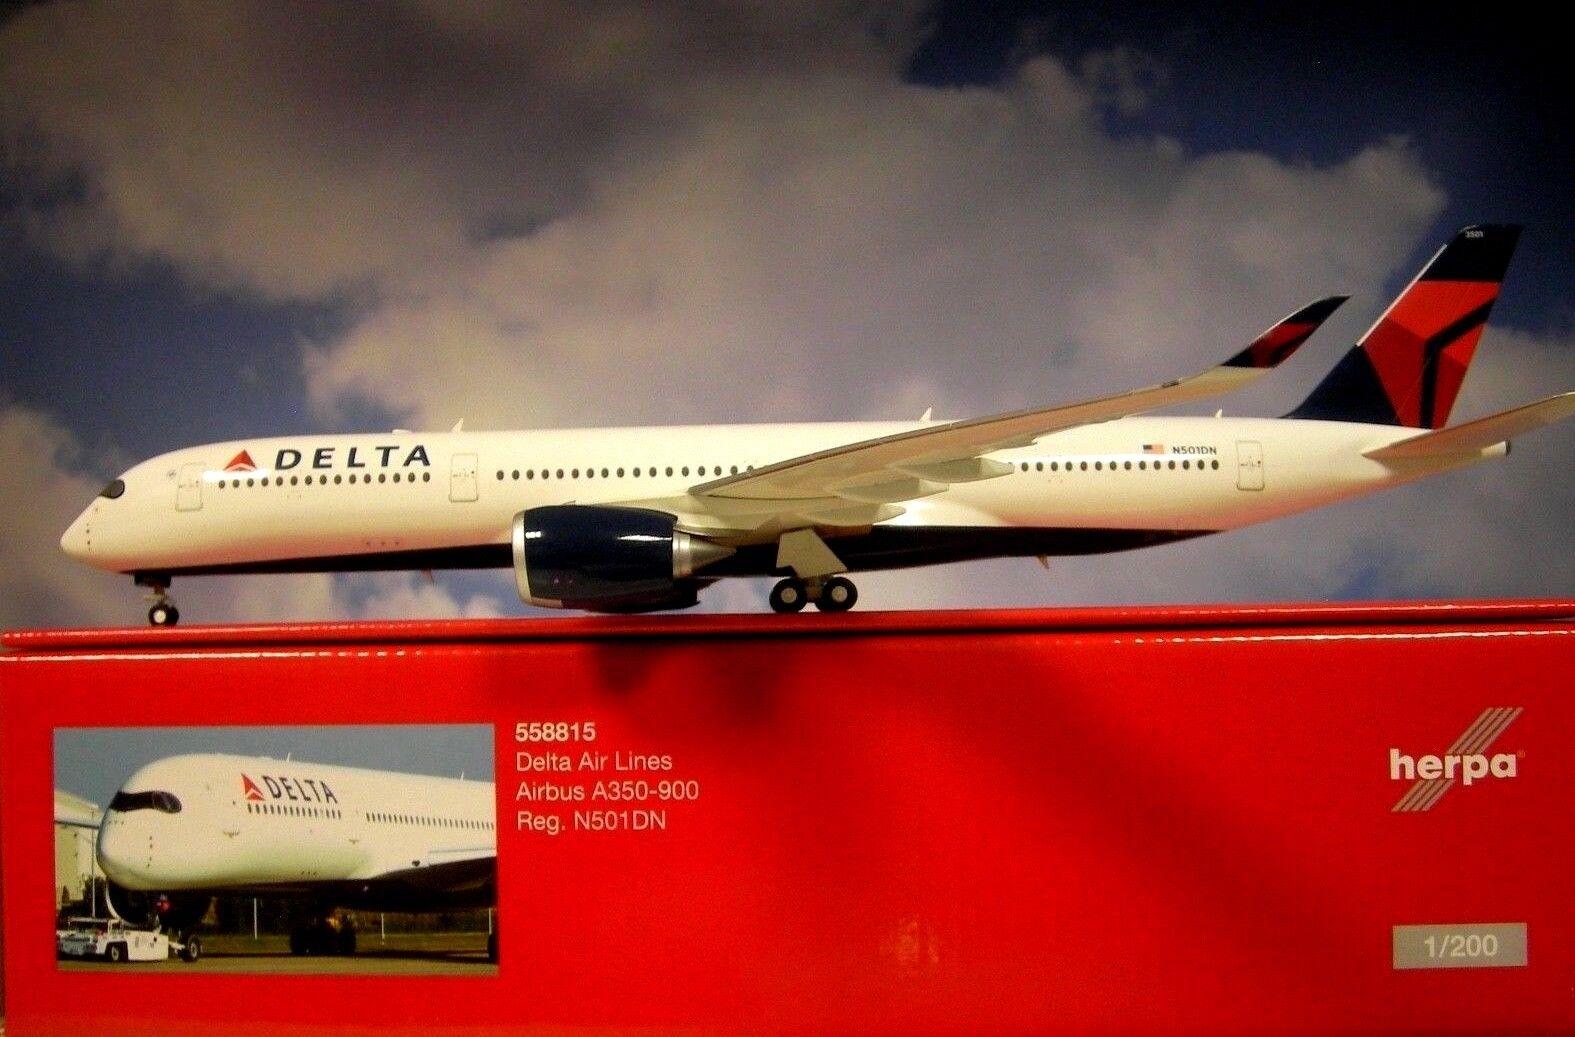 Herpa Wings 1 200 Airbus a350-900 Delta Air Lines n501n 558815